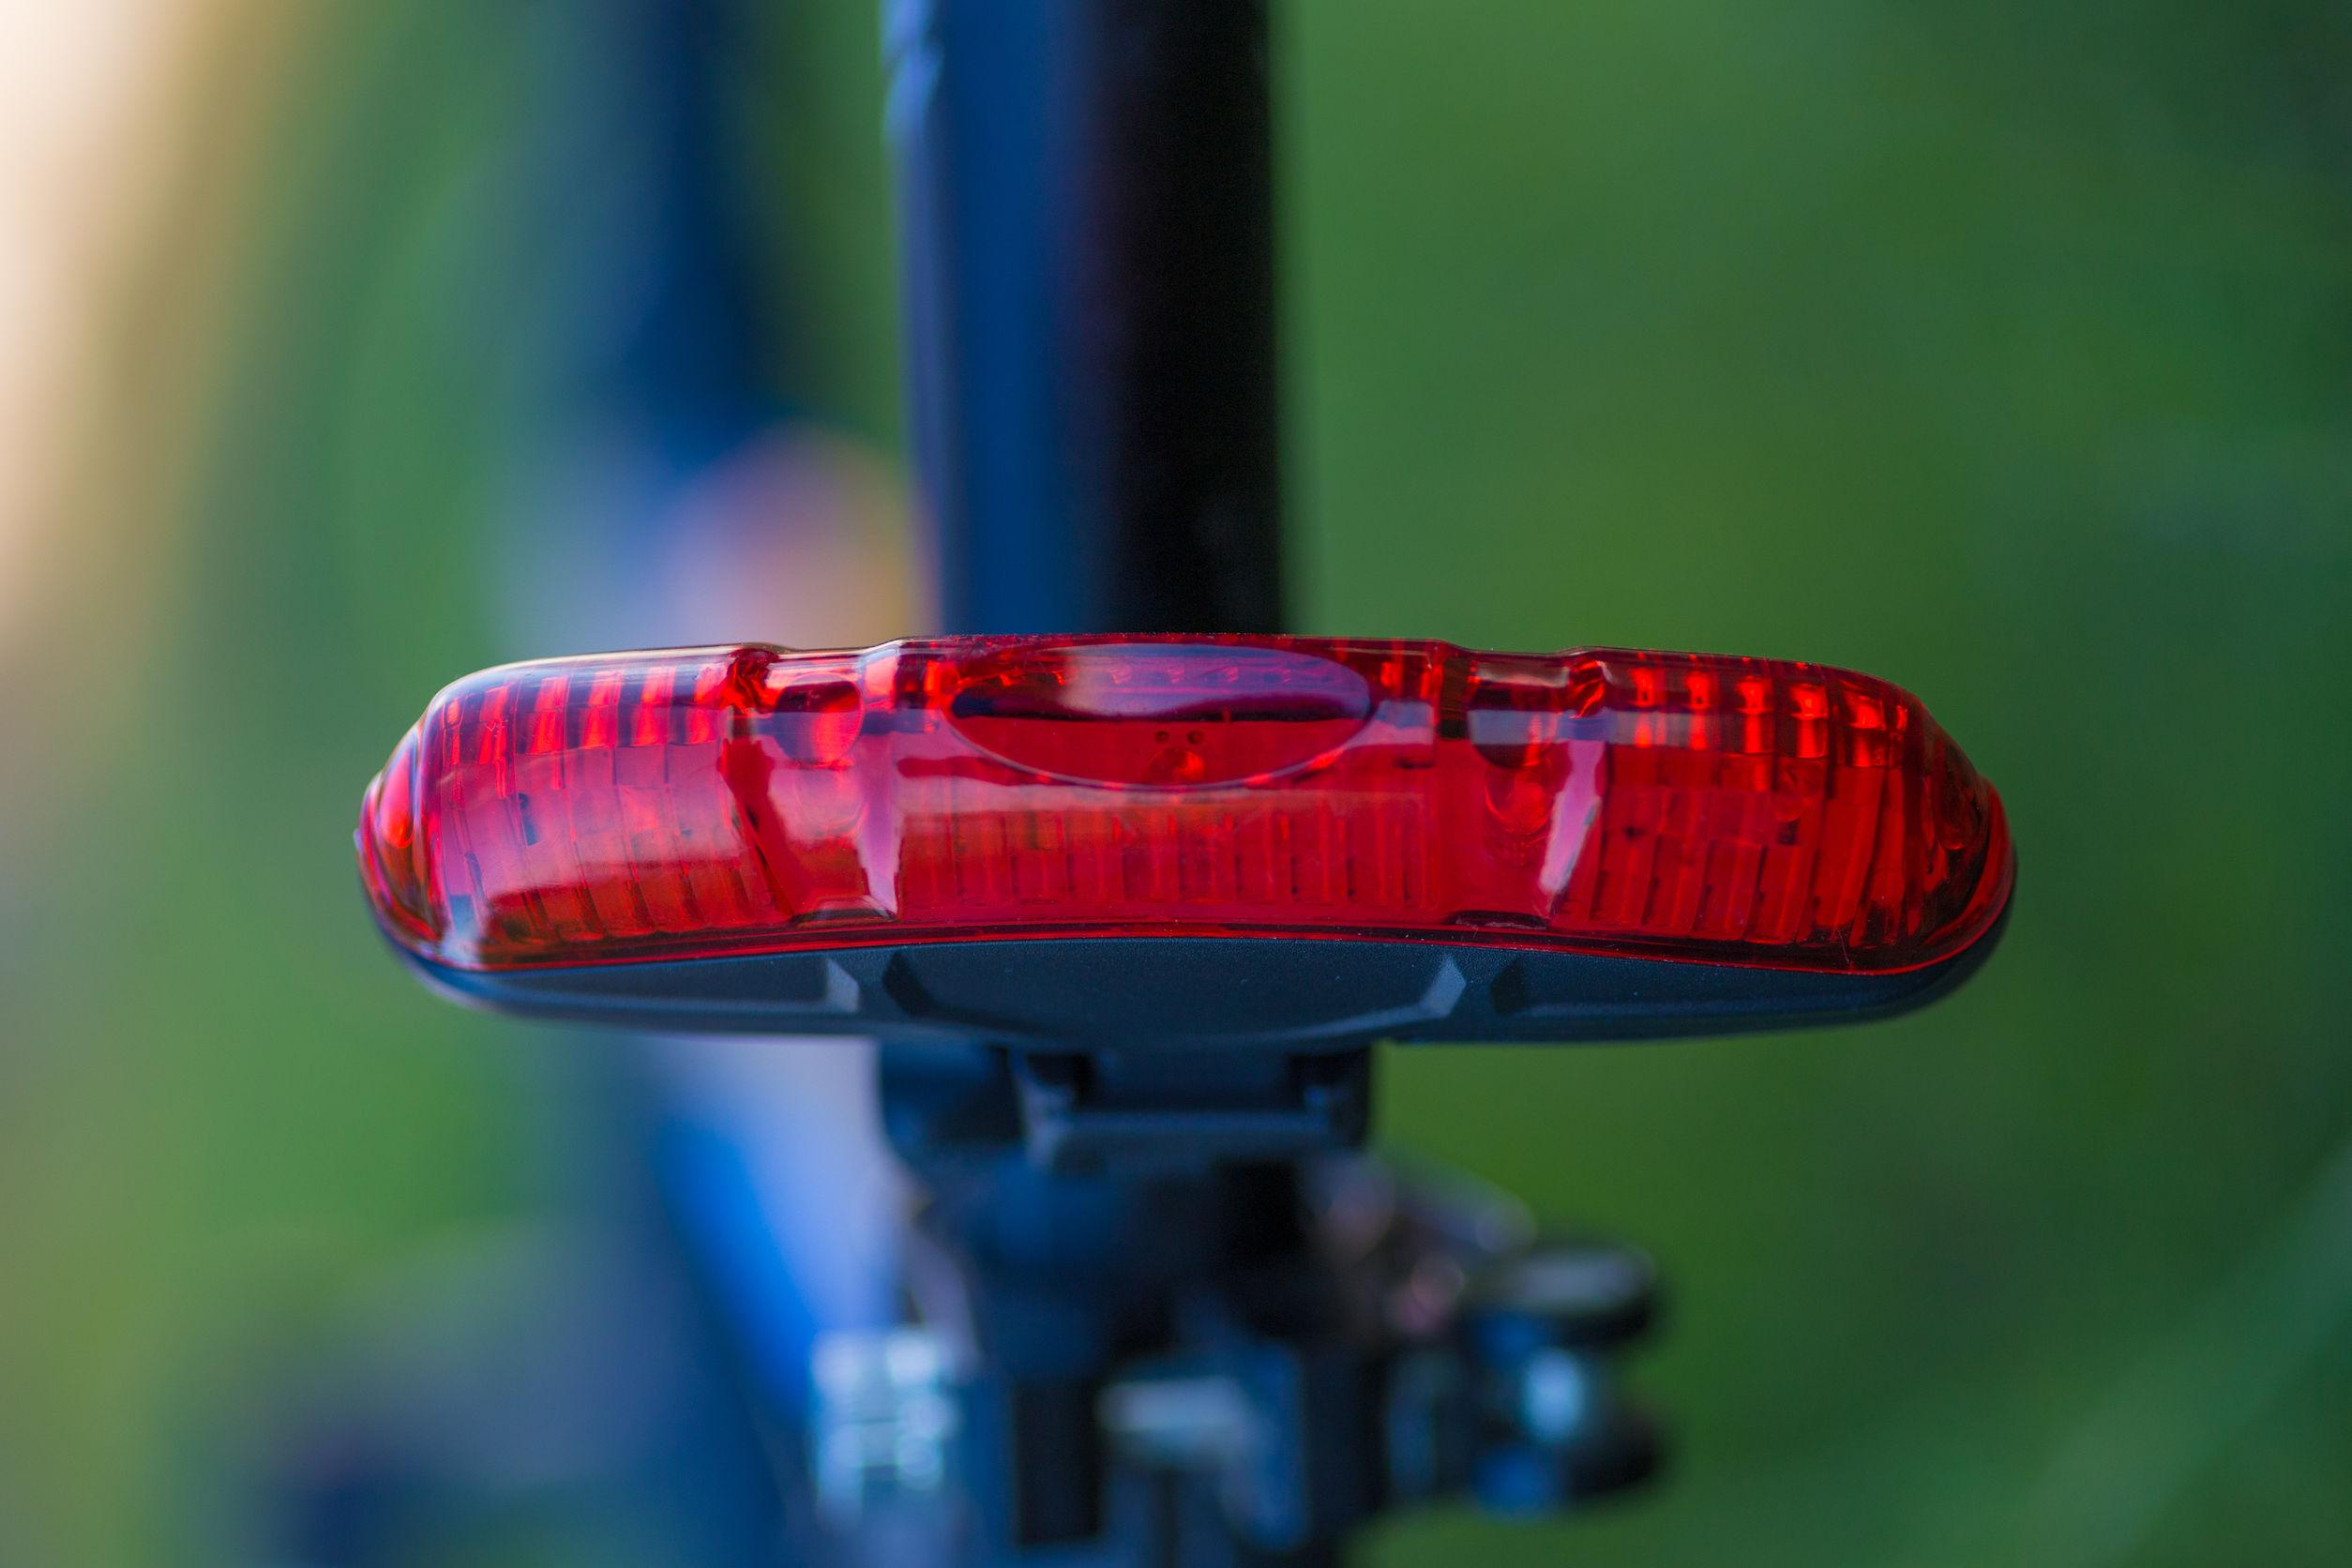 Fahrrad Rücklicht: Test & Empfehlungen (05/21)